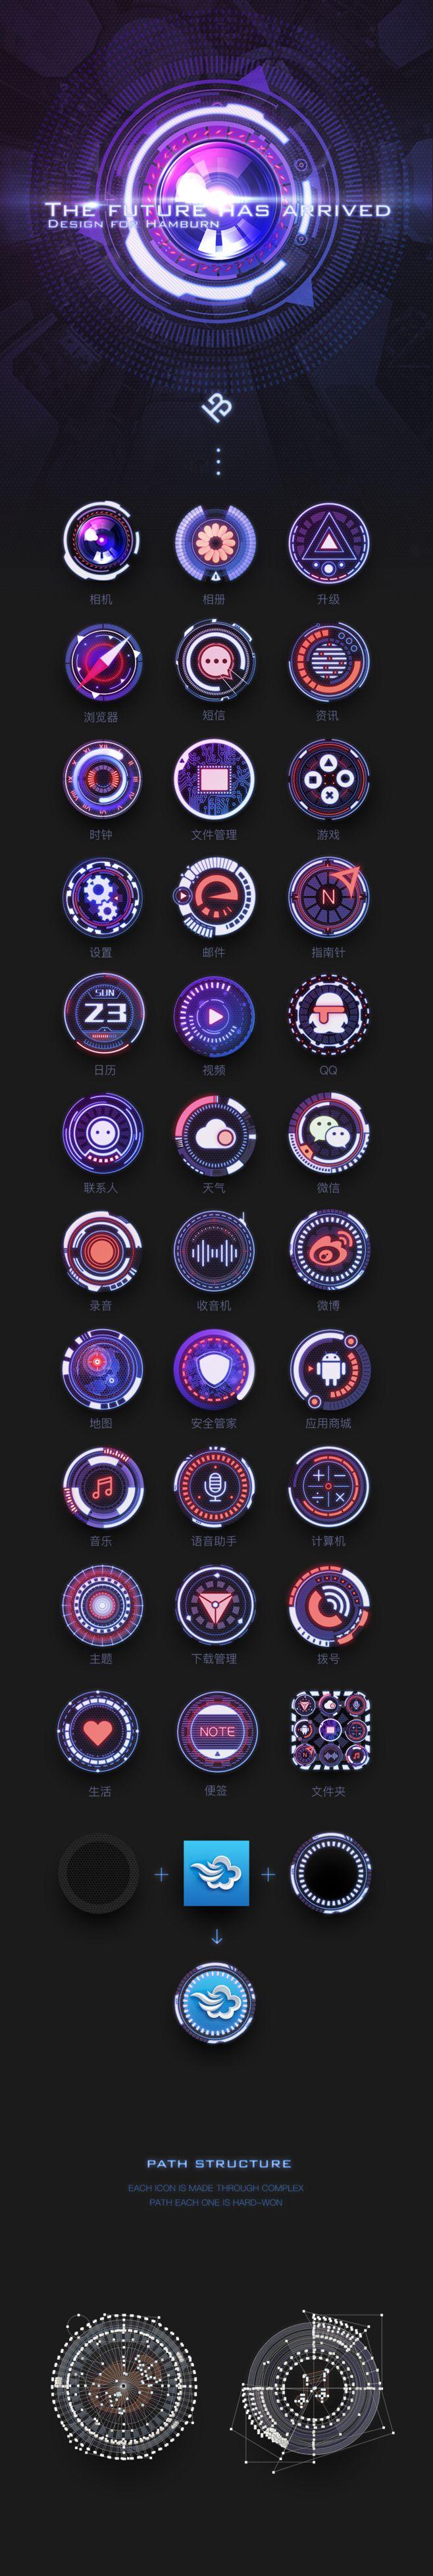 科技感icon